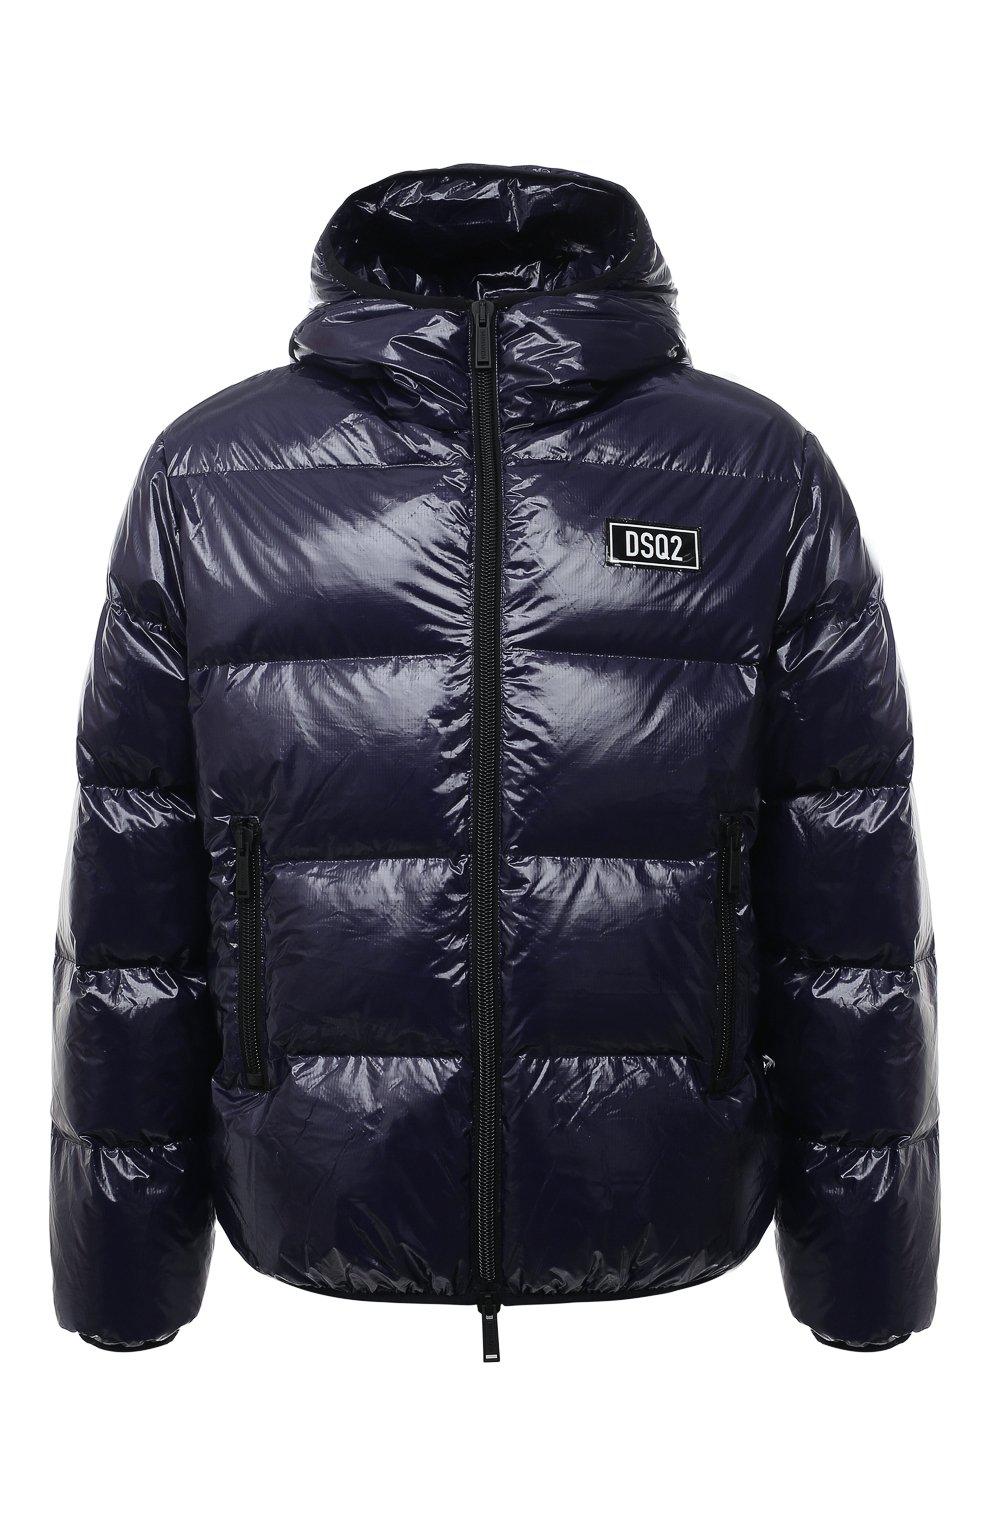 Мужская пуховая куртка DSQUARED2 темно-синего цвета, арт. S74AM1201/S54056   Фото 1 (Кросс-КТ: Куртка; Мужское Кросс-КТ: пуховик-короткий; Рукава: Длинные; Материал внешний: Синтетический материал; Стили: Гранж; Материал подклада: Синтетический материал; Длина (верхняя одежда): Короткие; Материал утеплителя: Пух и перо)